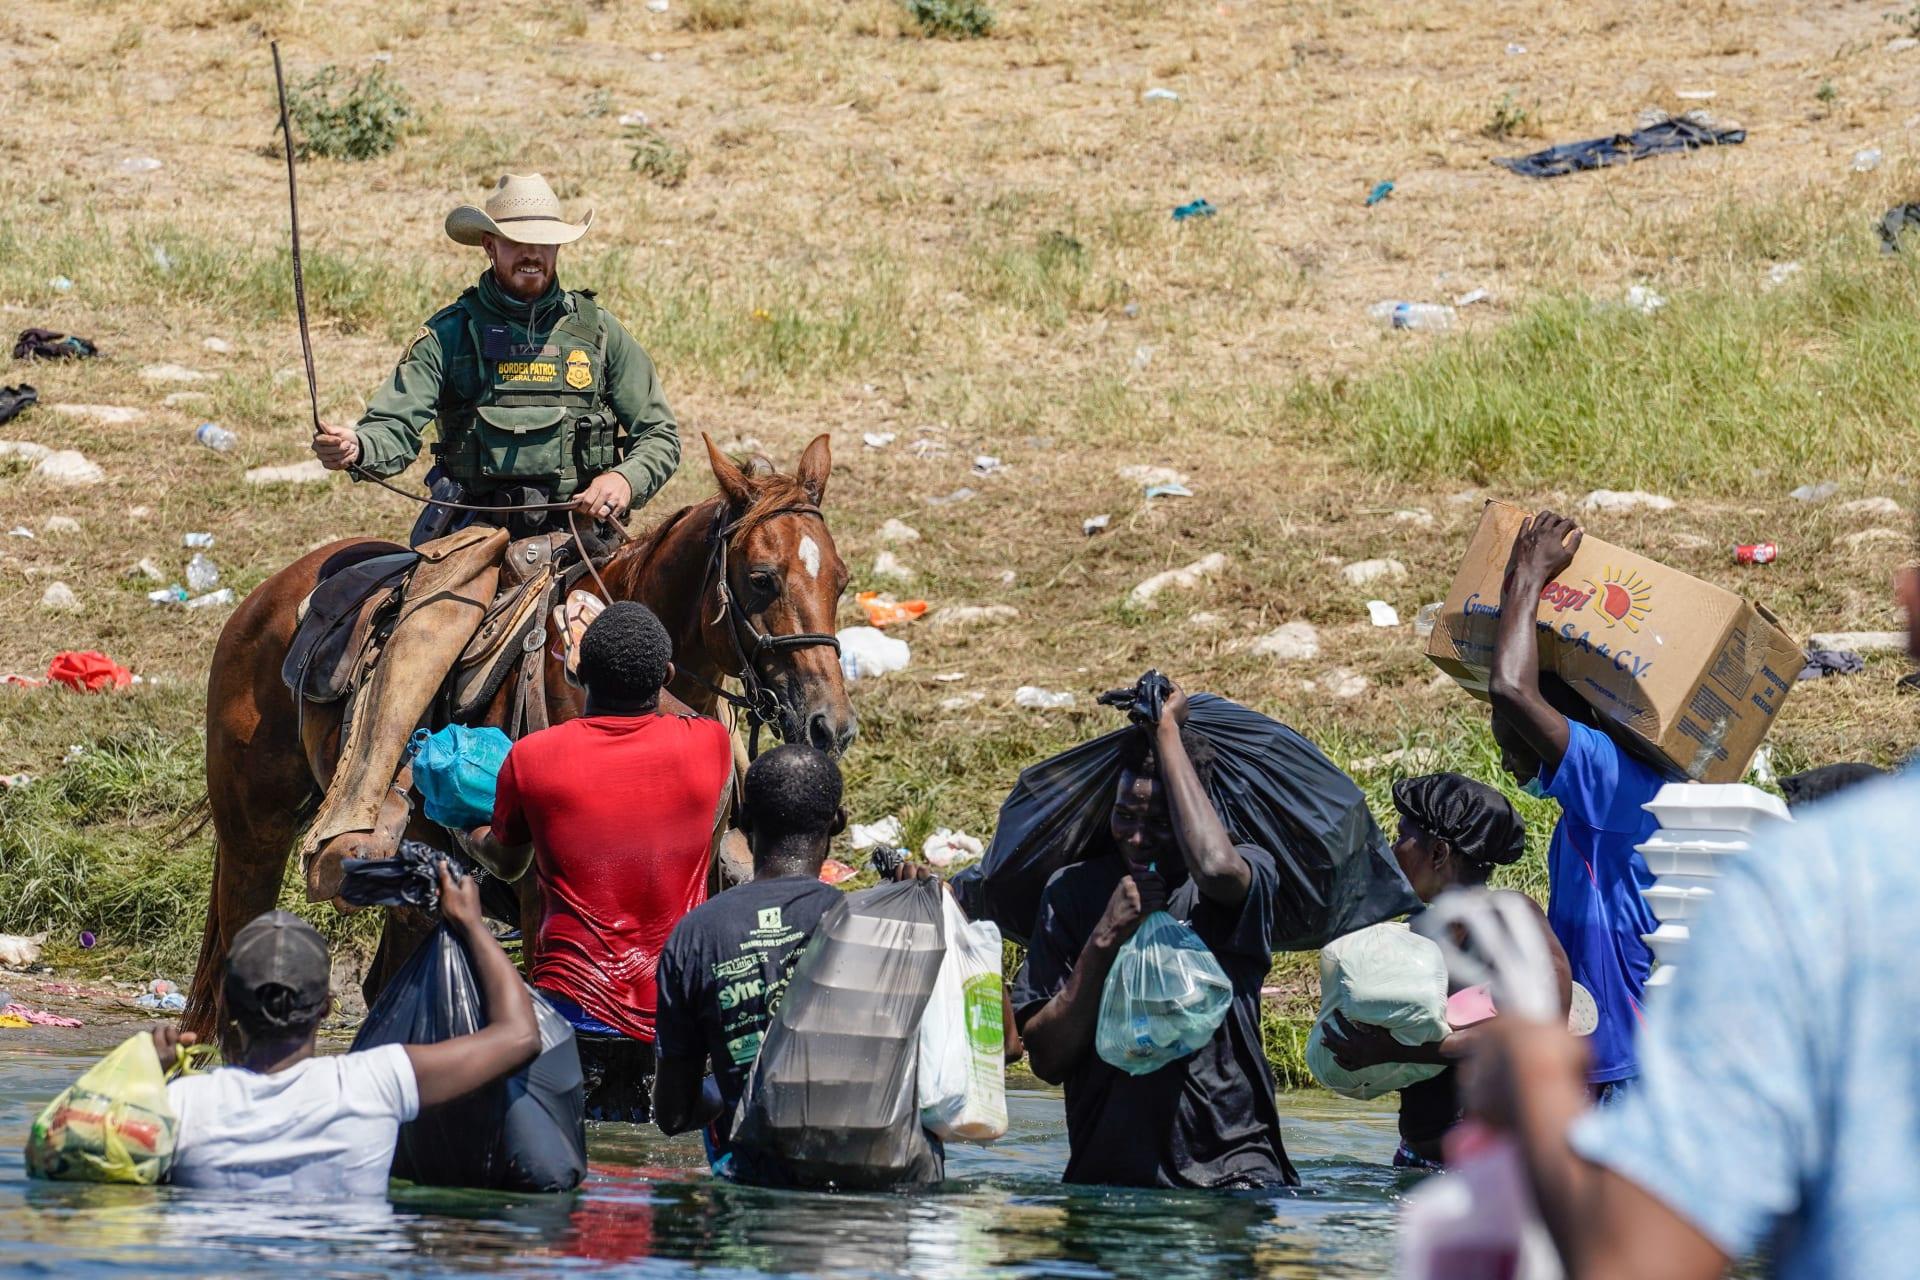 دوريات الحدود بالولايات المتحدة على ظهور الخيل في مواجهة المهاجرين الهايتيين على ضفاف نهر ريو غراندي بولاية تكساس - 19 سبتمبر 2021.